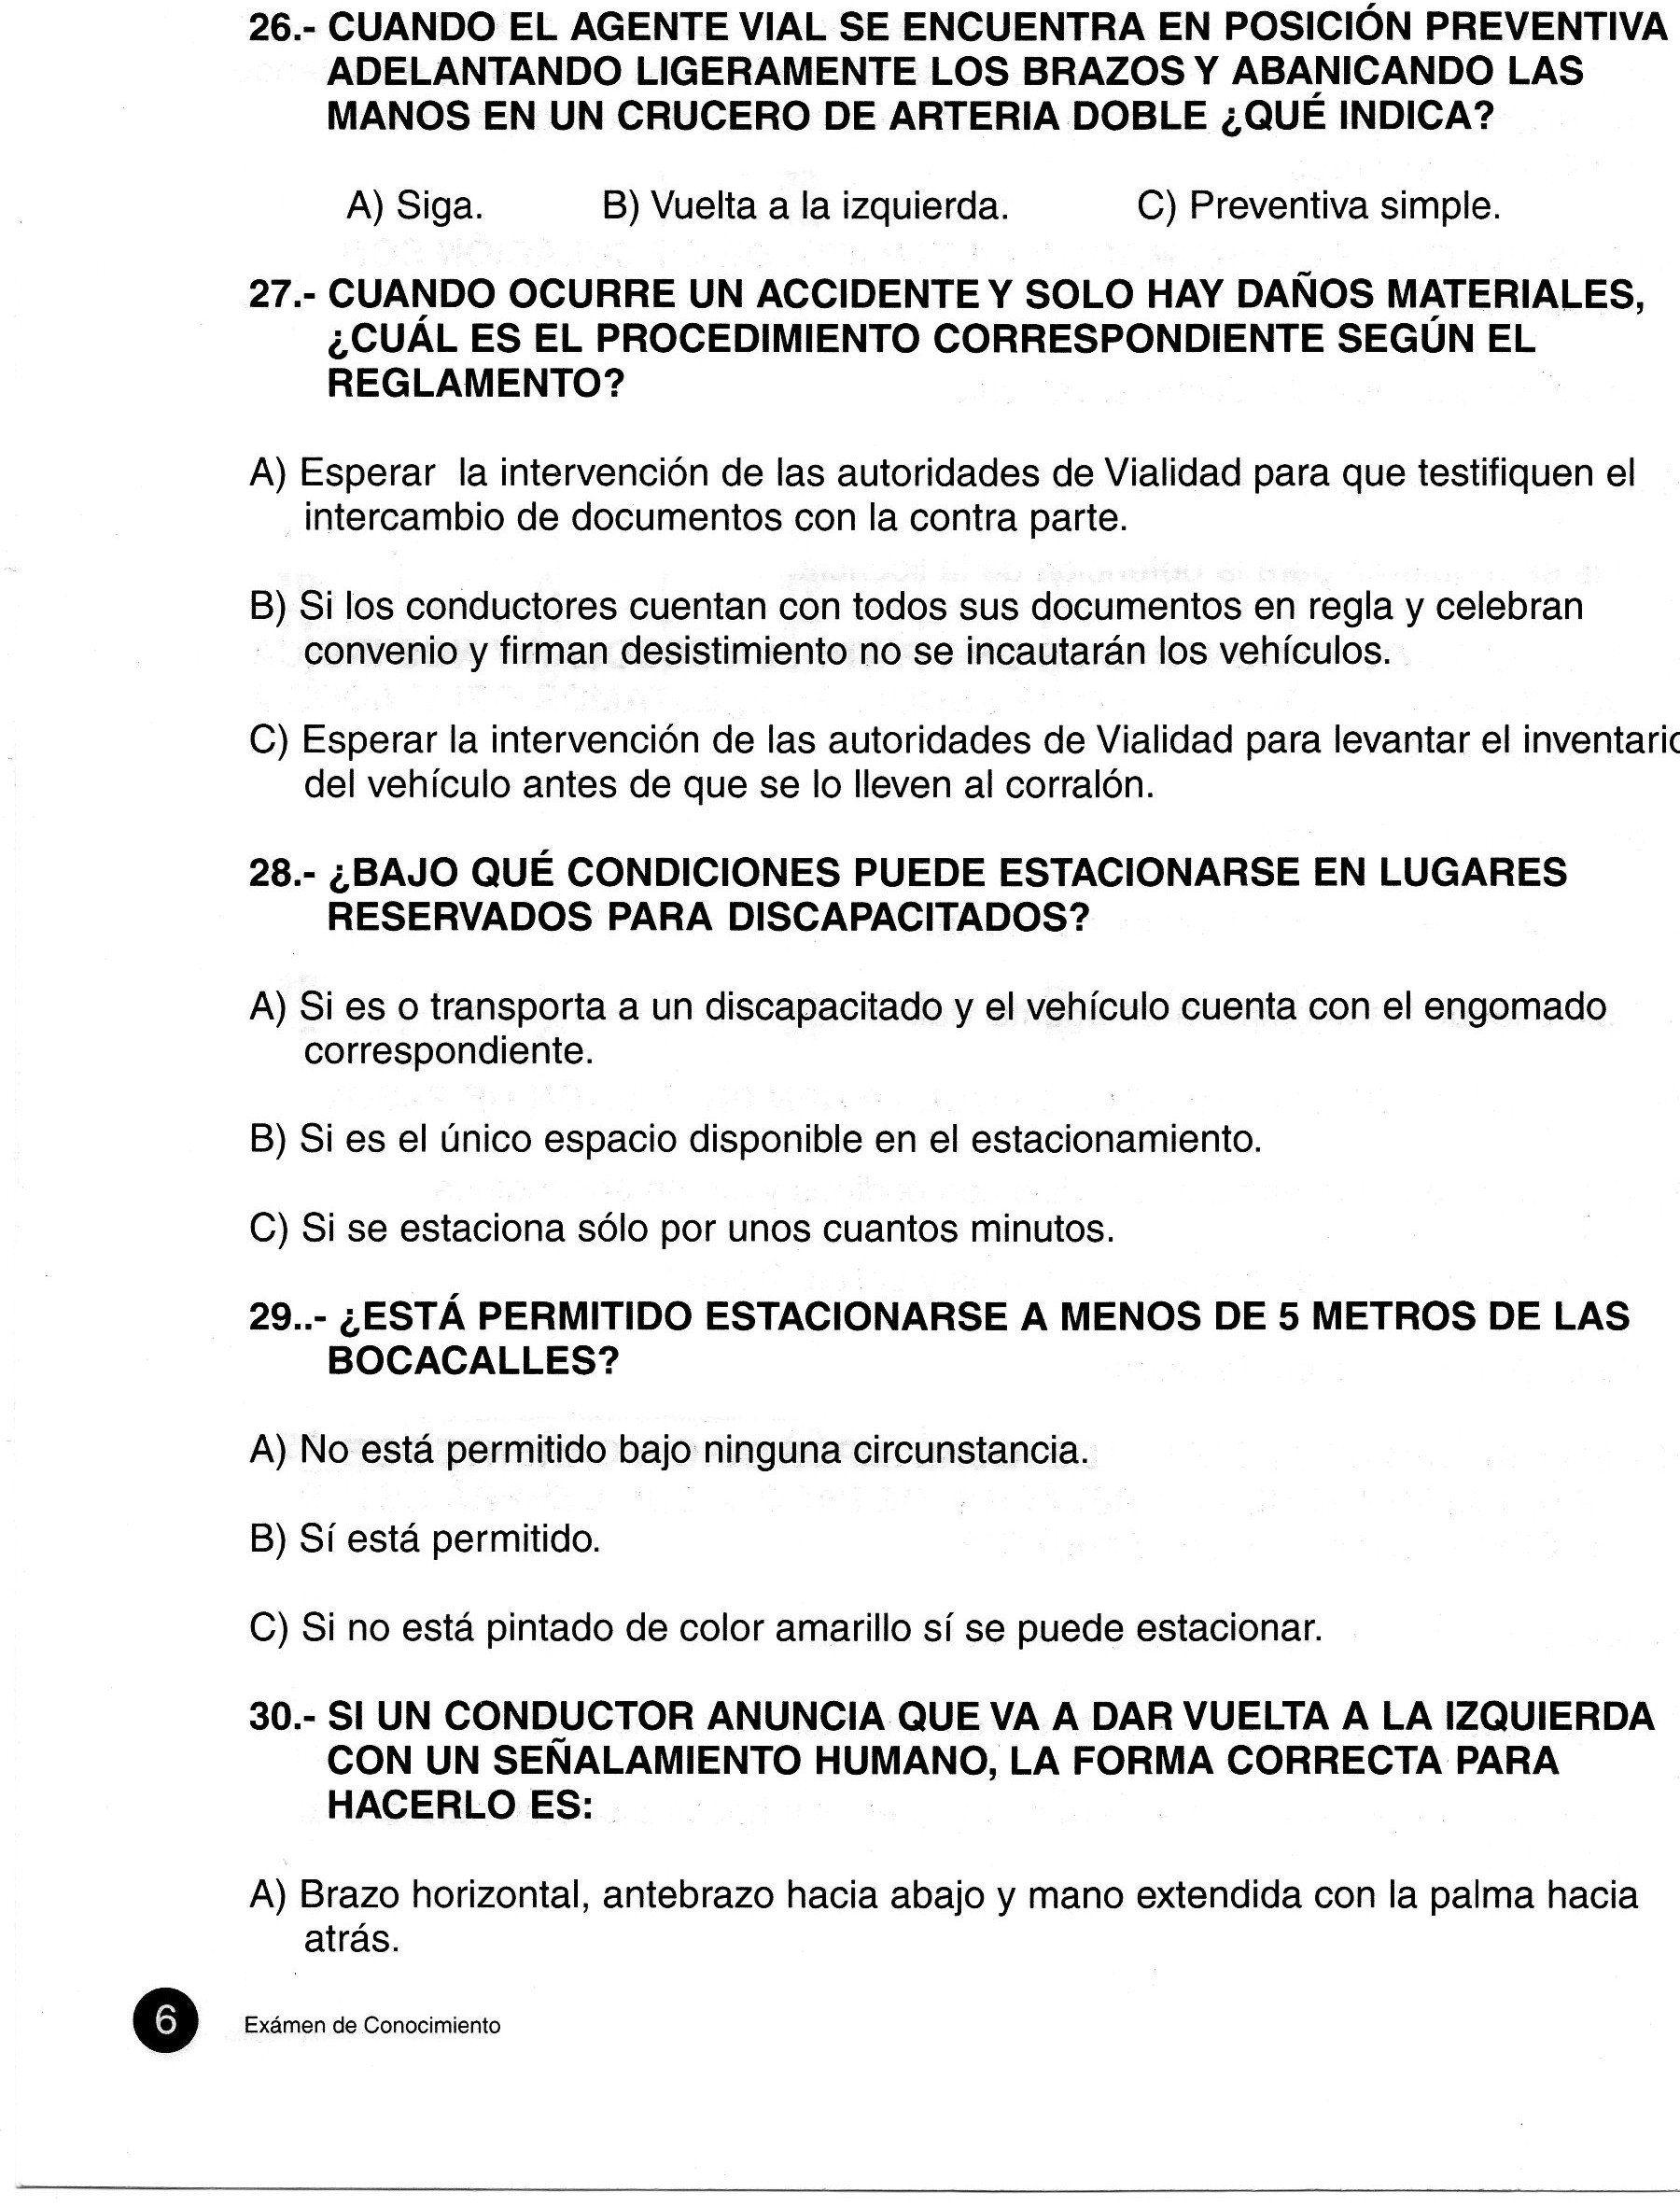 Imagen Publicada Por Malko0 Examen Examen De Conducir Jalisco